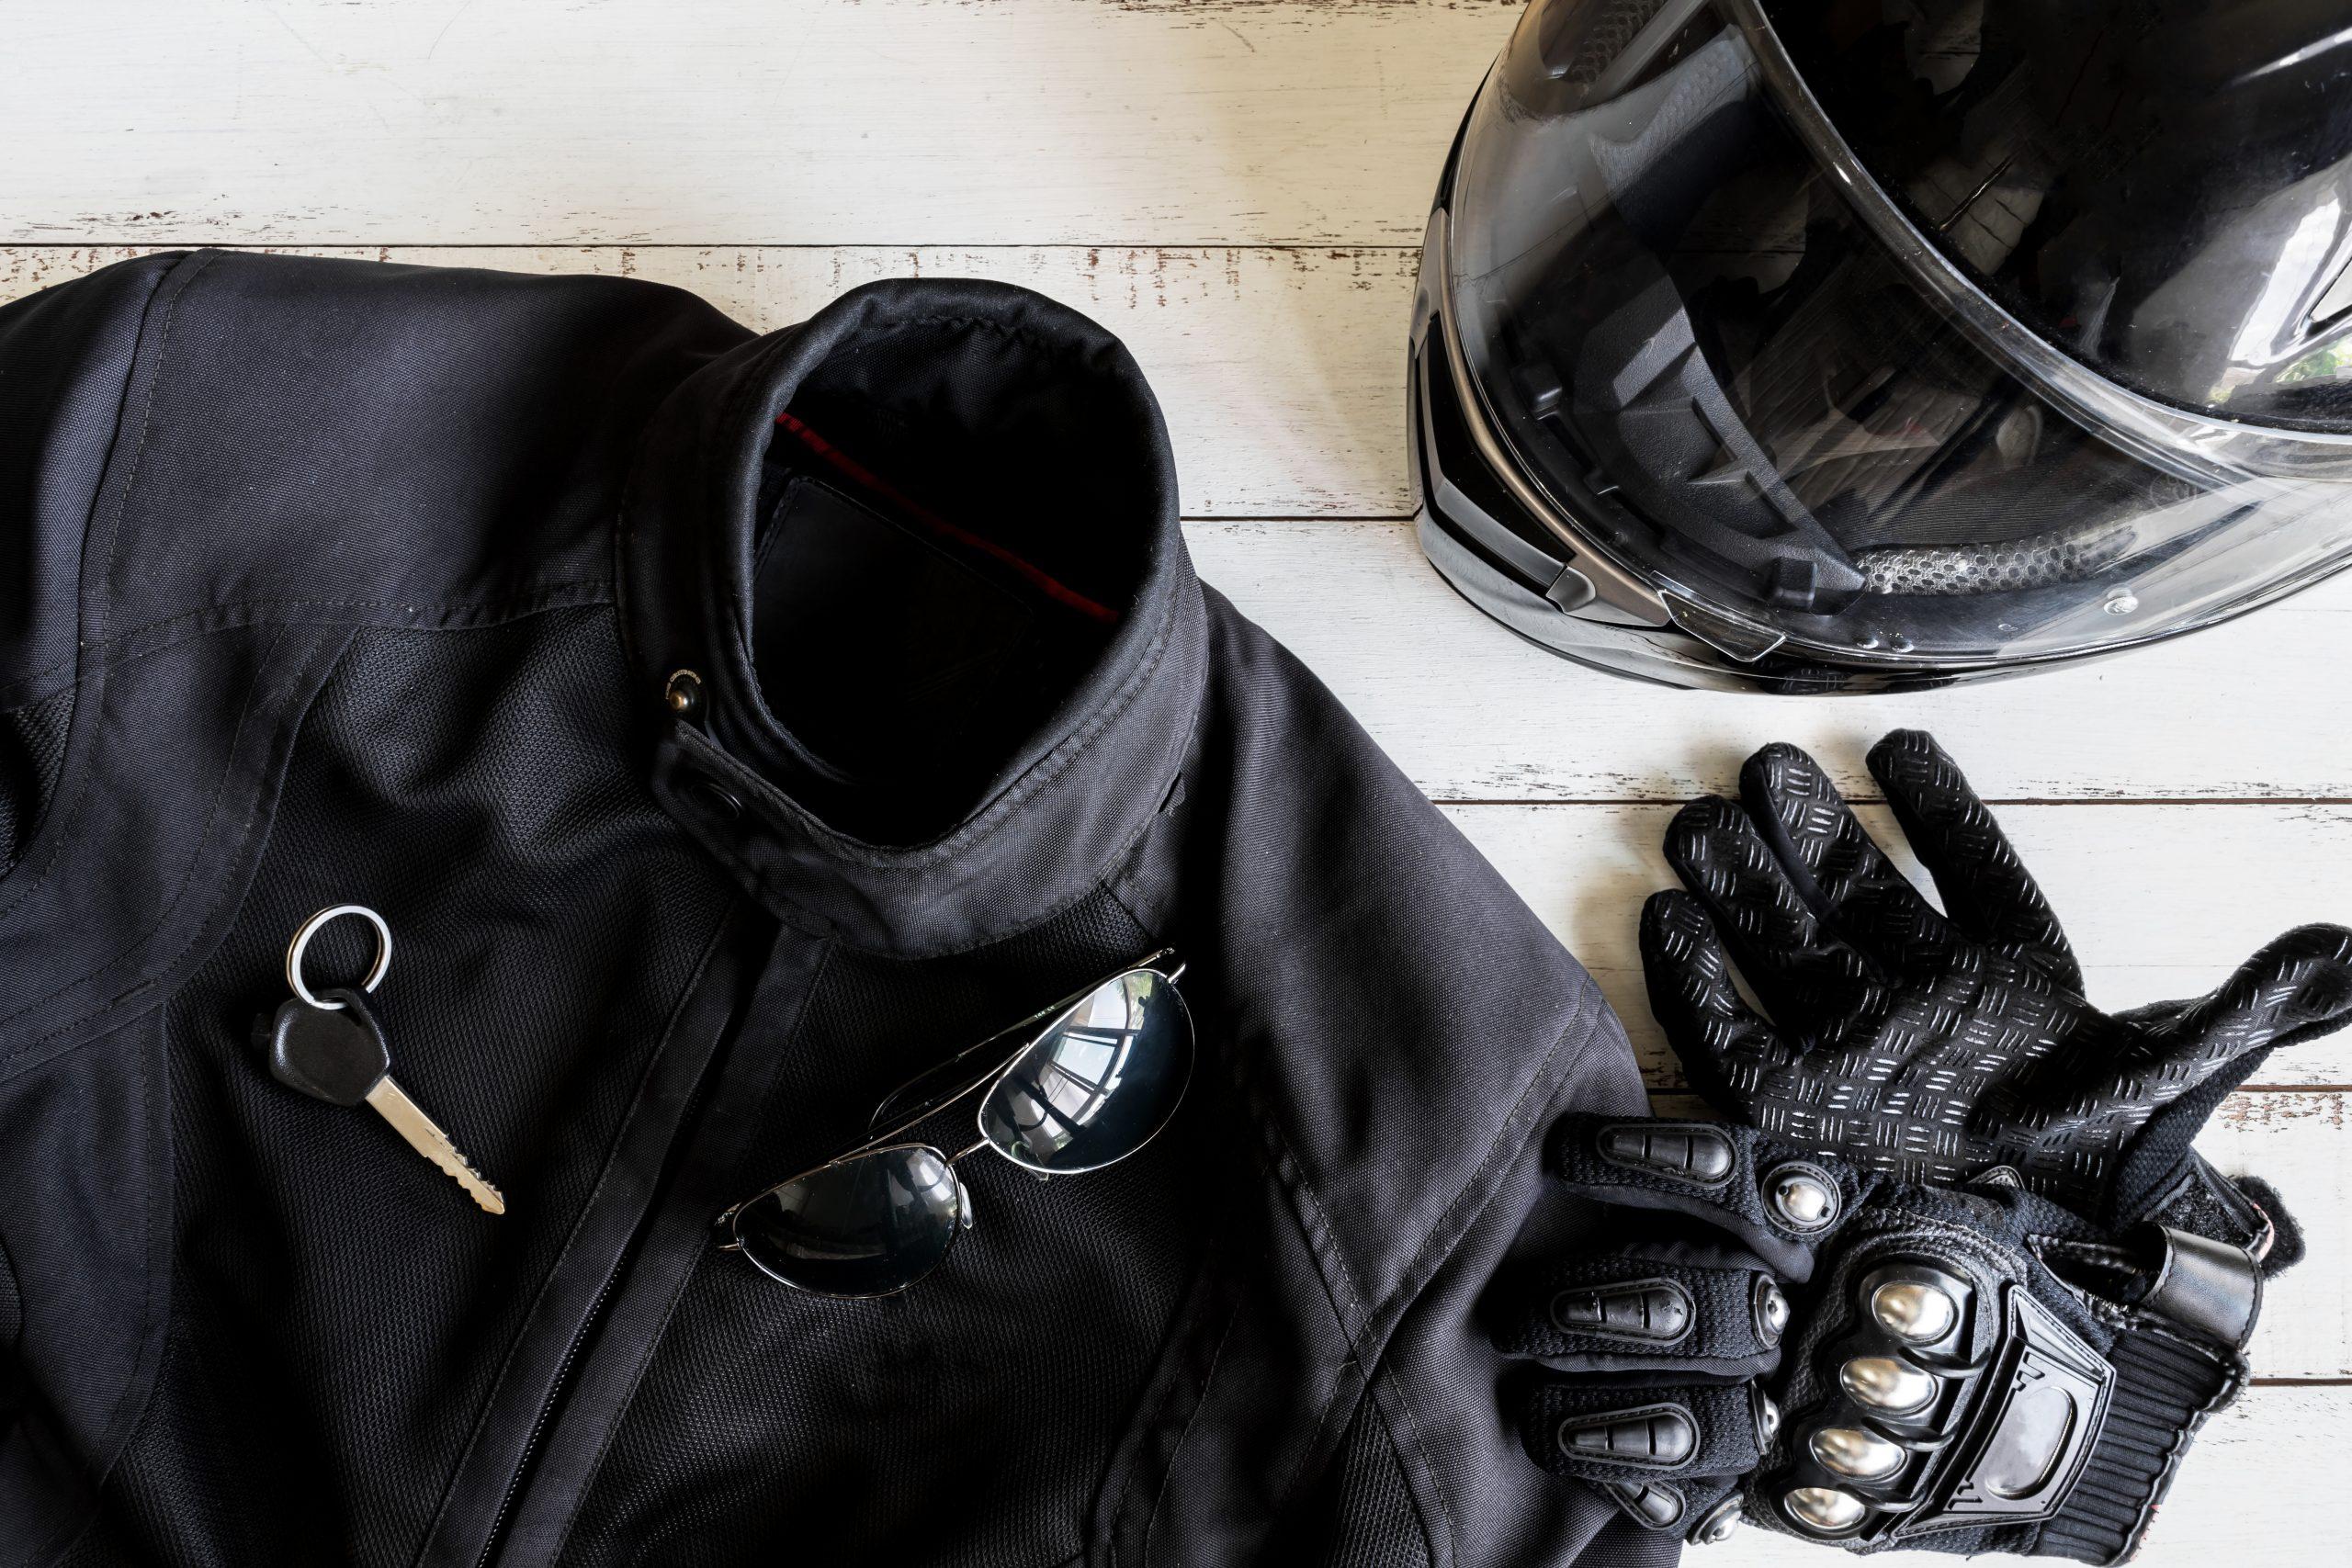 Consejos para limpiar y desinfectar tu moto correctamente